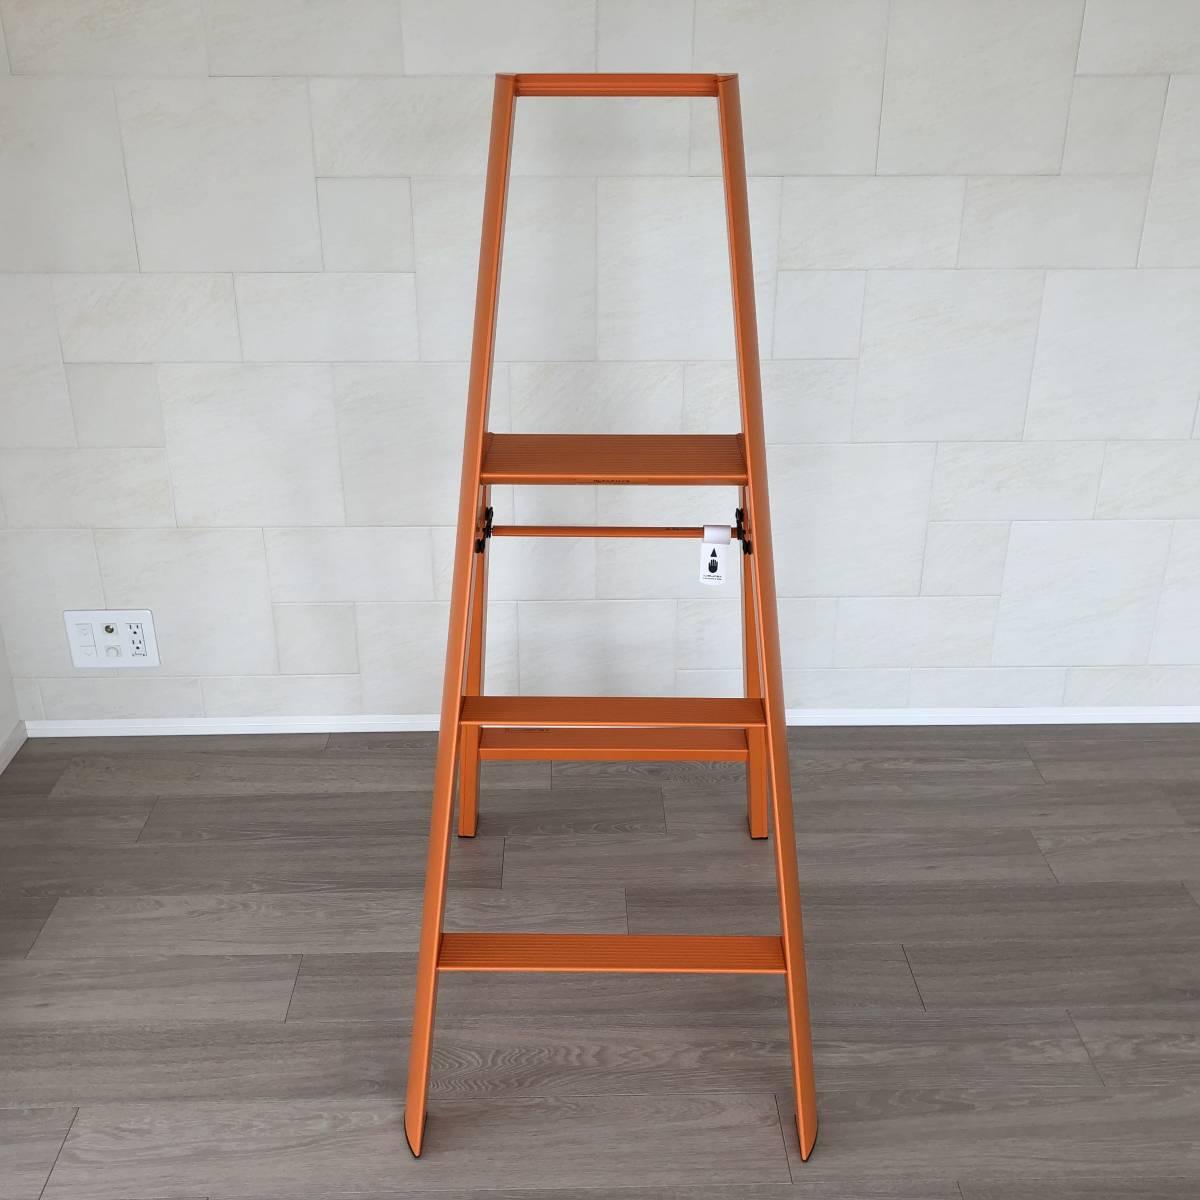 [札幌引取り限定] 美品 lucano スリーステップ 踏台 脚立 3step stool オレンジ 踏み台 定価2万円 デザイナーズ家具 3ステップ_画像2